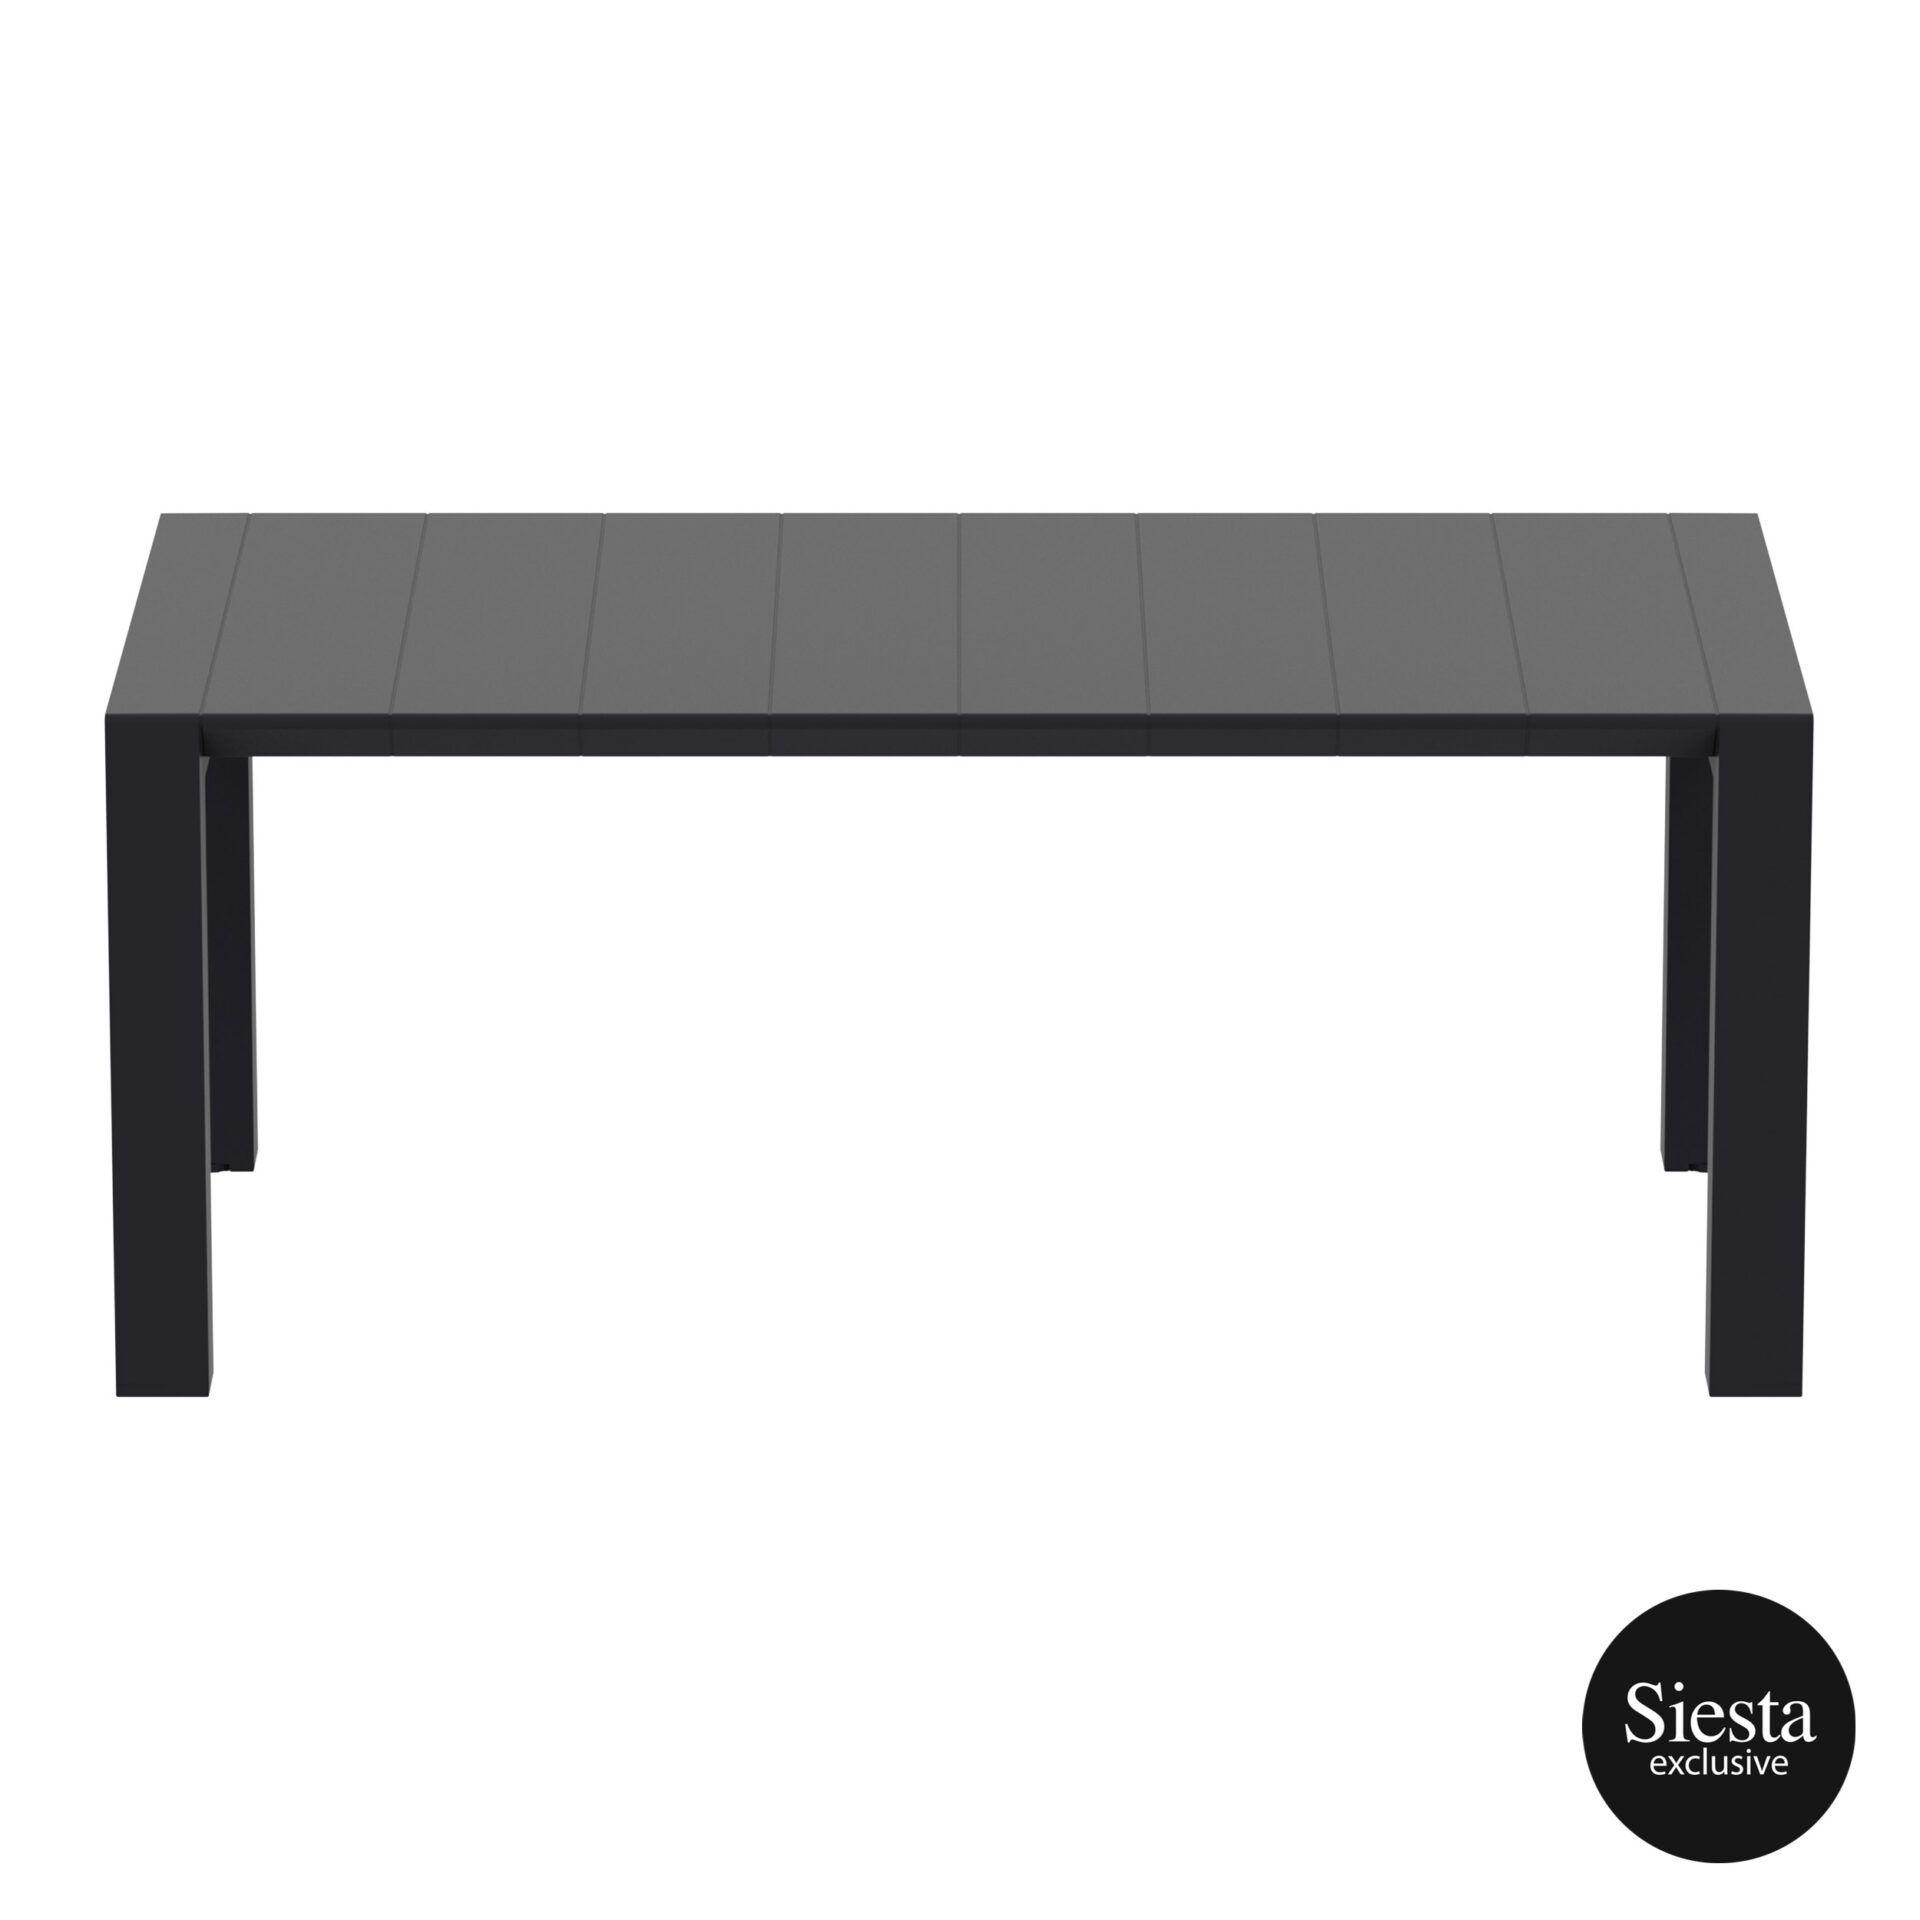 002 vegas table medium 180 black long edge